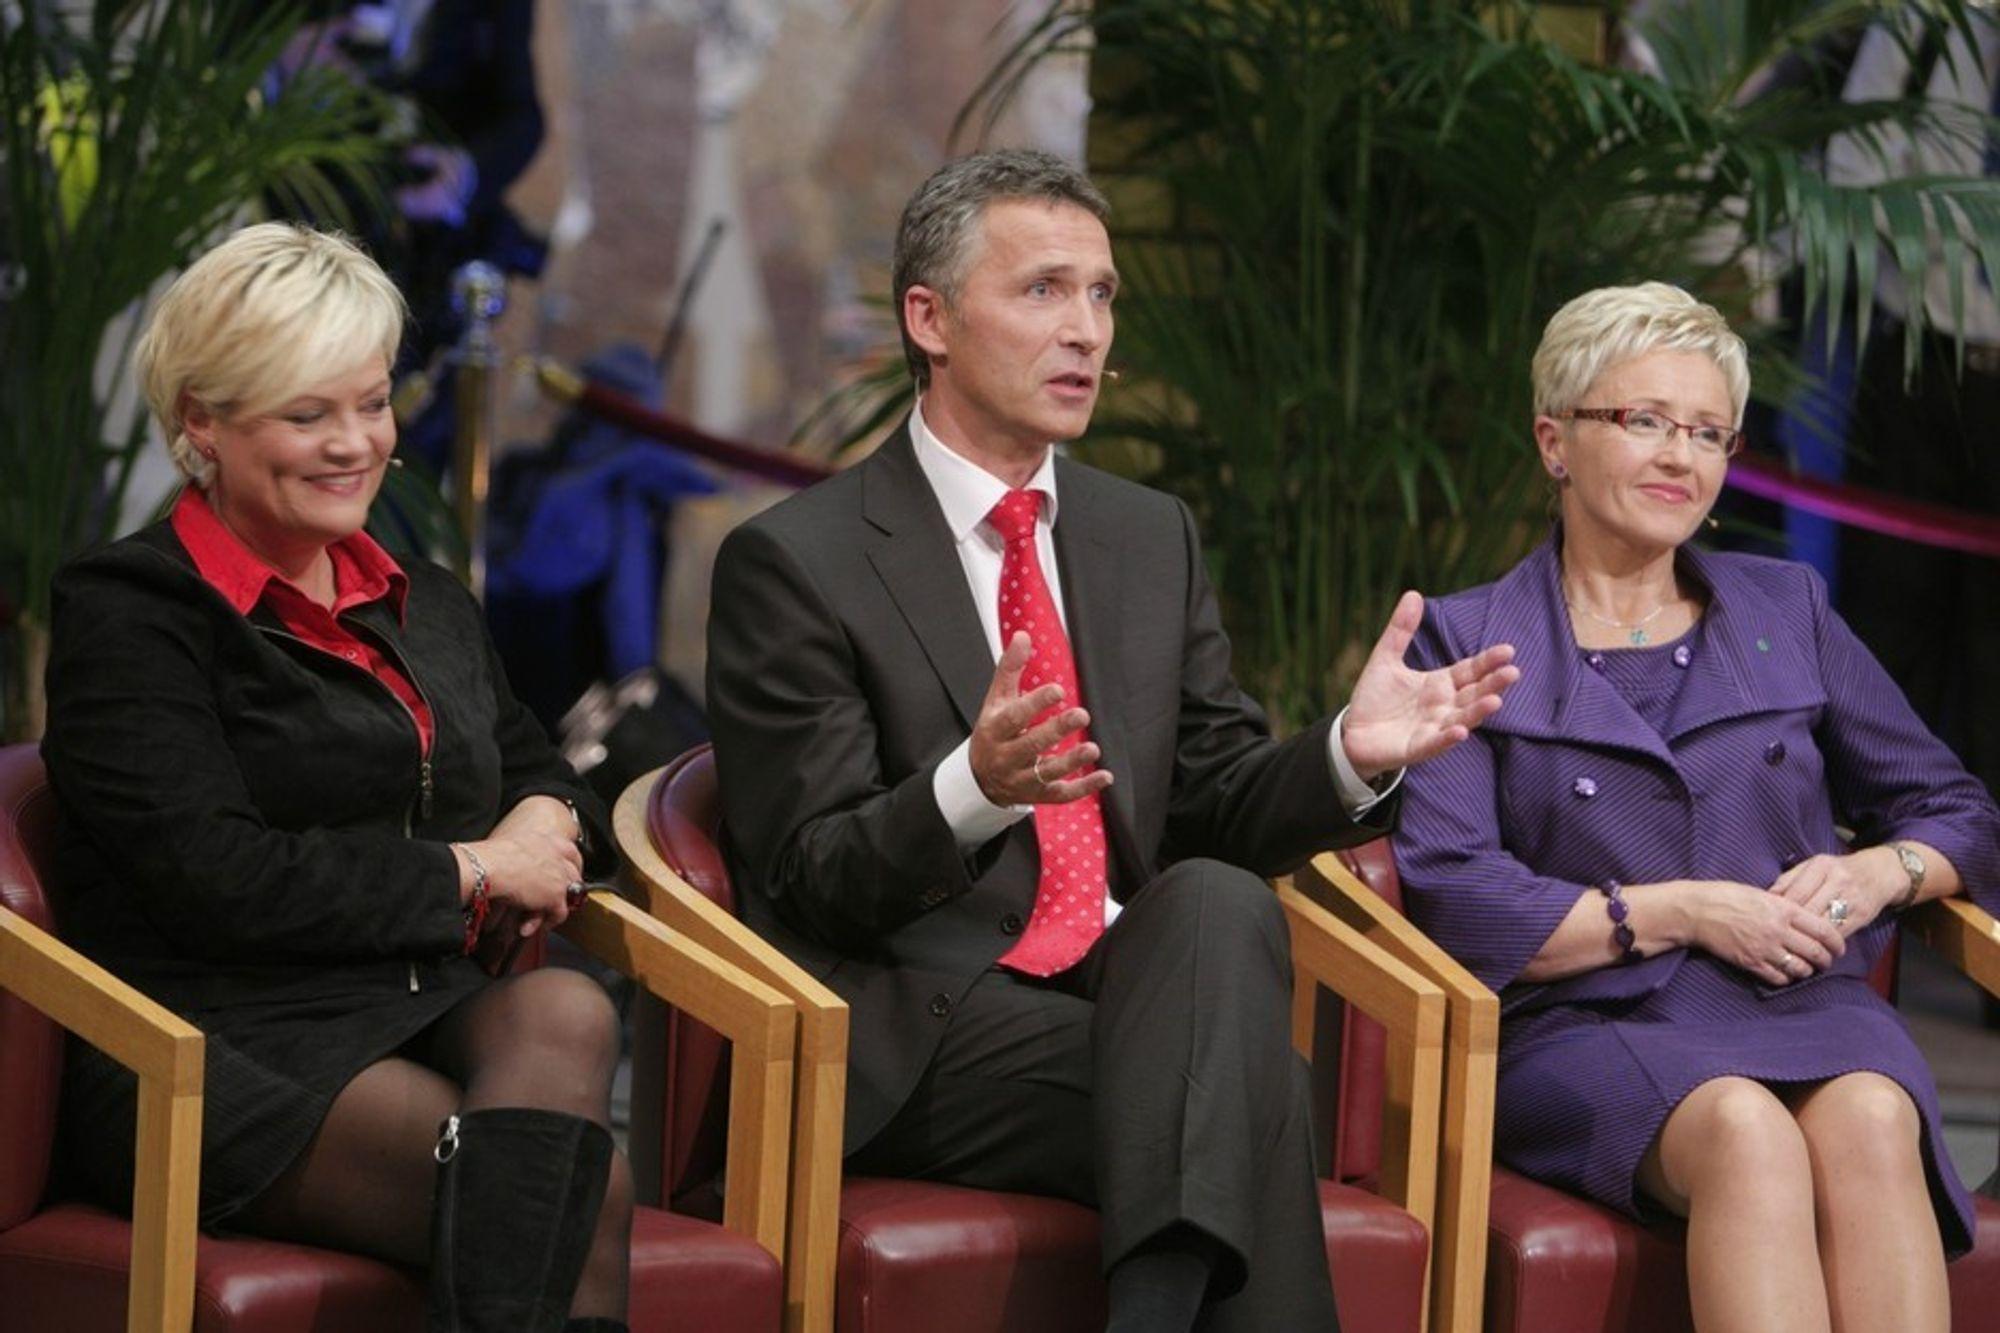 SVs Kristin Halvorsen, Aps Jens Stoltenberg og Sps Liv Signe Navarsete under partilederdebatten på stortinget etter midnatt.